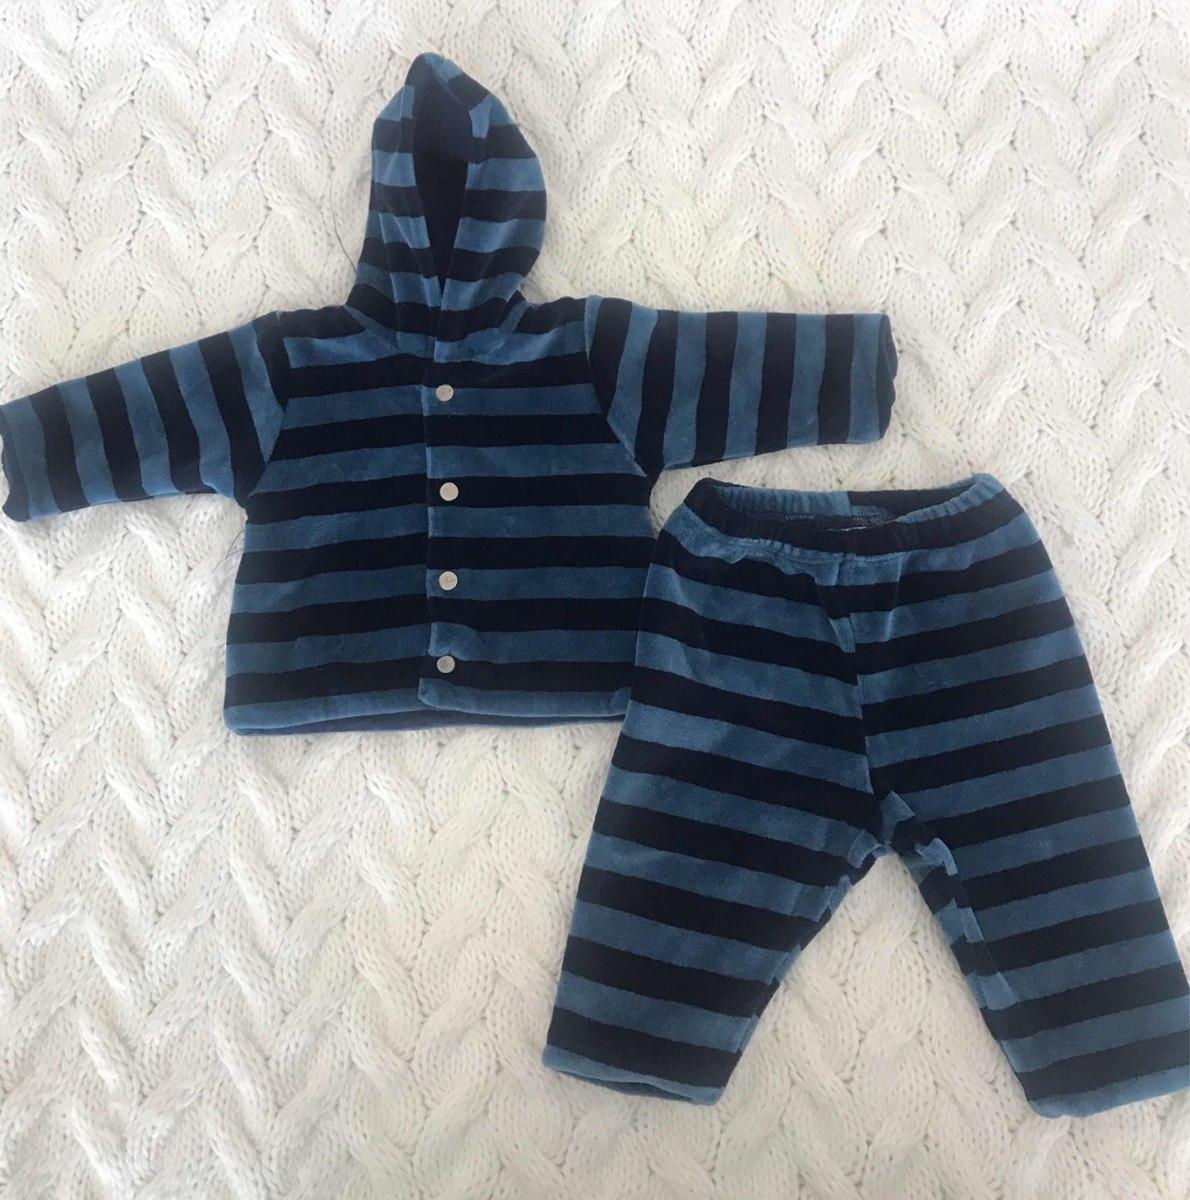 Breur Carters Ralph Conjunto Bebé 0-3 Meses Plush Abrigo -   1.390 ... c891cdd473b4